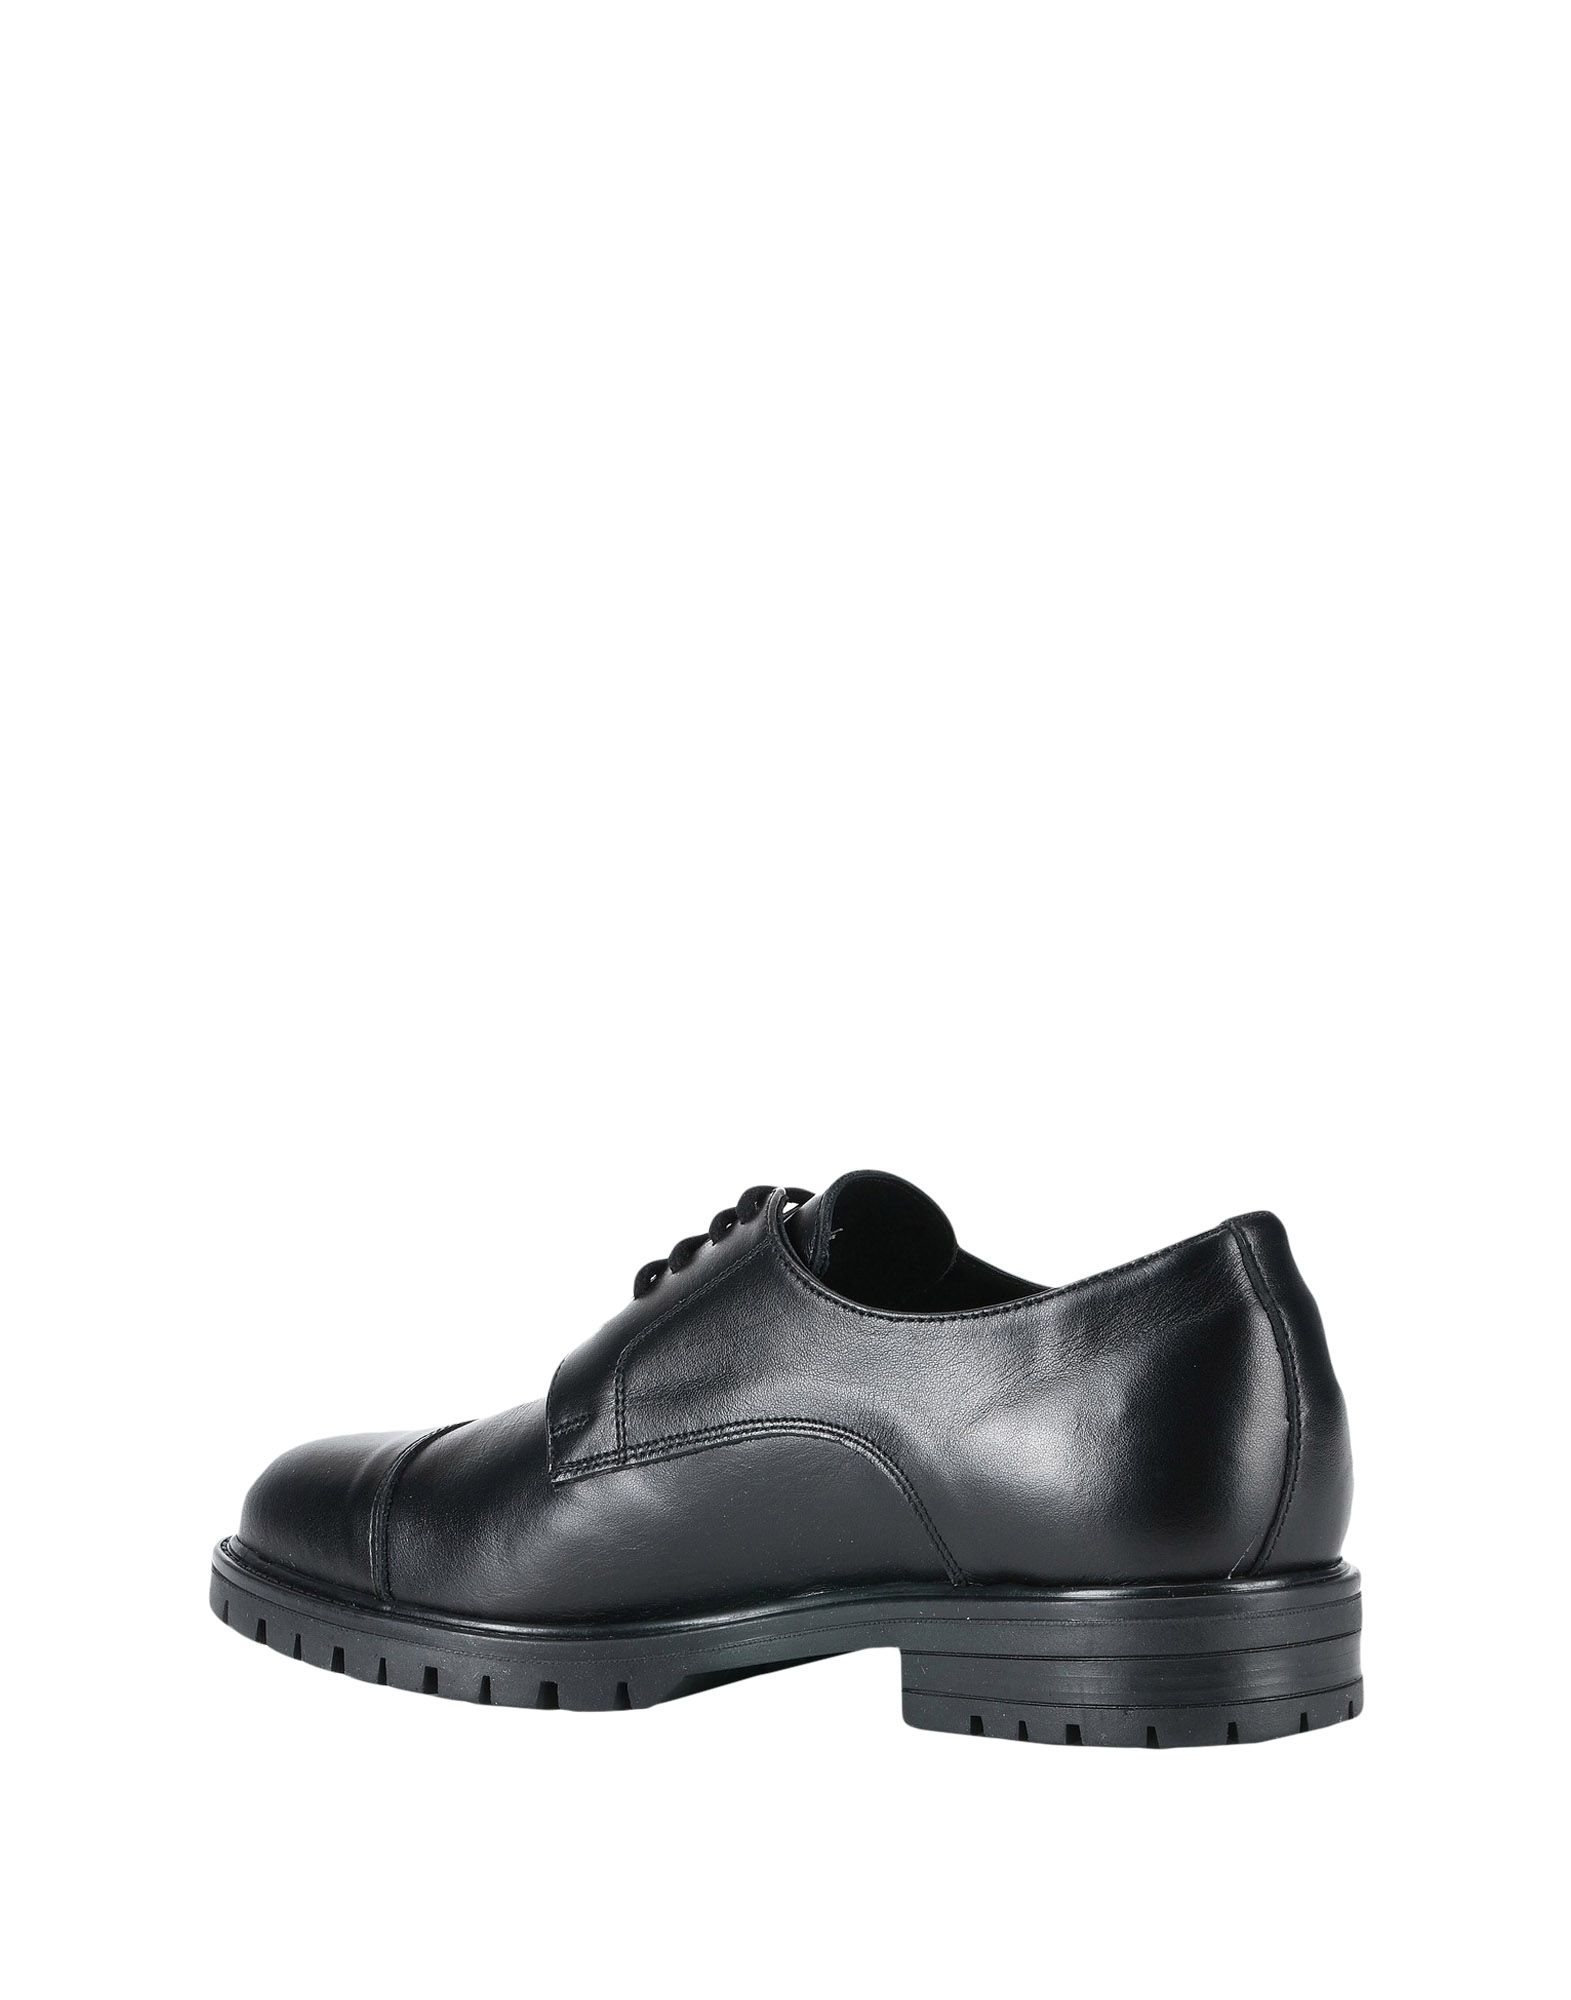 Ylati Heritage Schnürschuhe Qualität Herren  11482938OR Gute Qualität Schnürschuhe beliebte Schuhe 77ff73